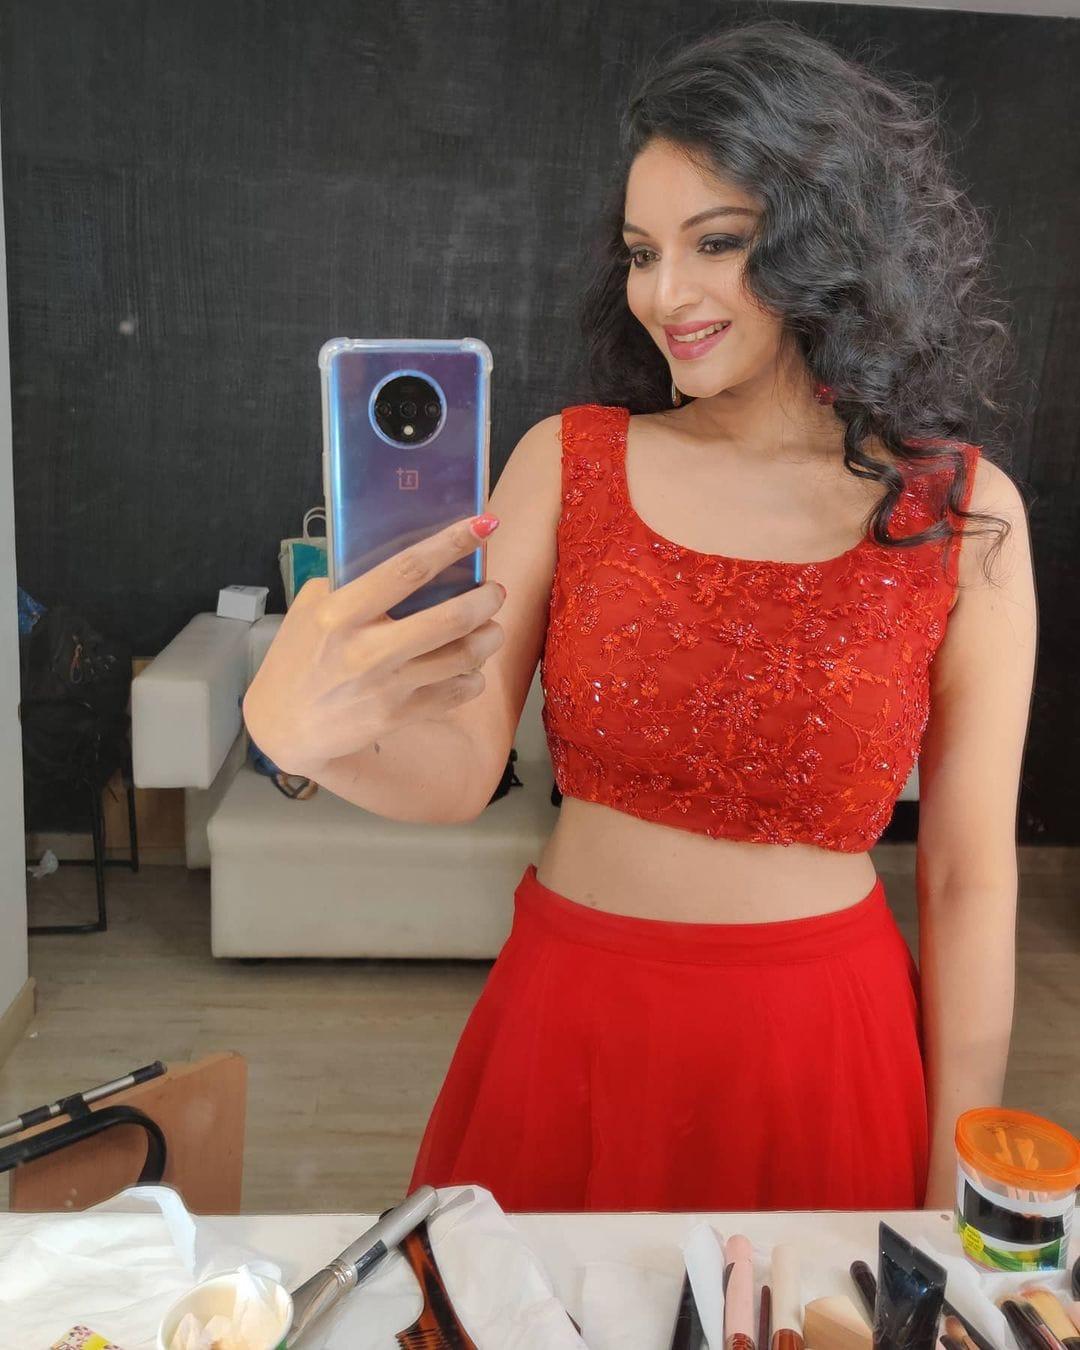 நடிகை சனம் ஷெட்டி (Image: Instagram @sam.sanam.shetty )